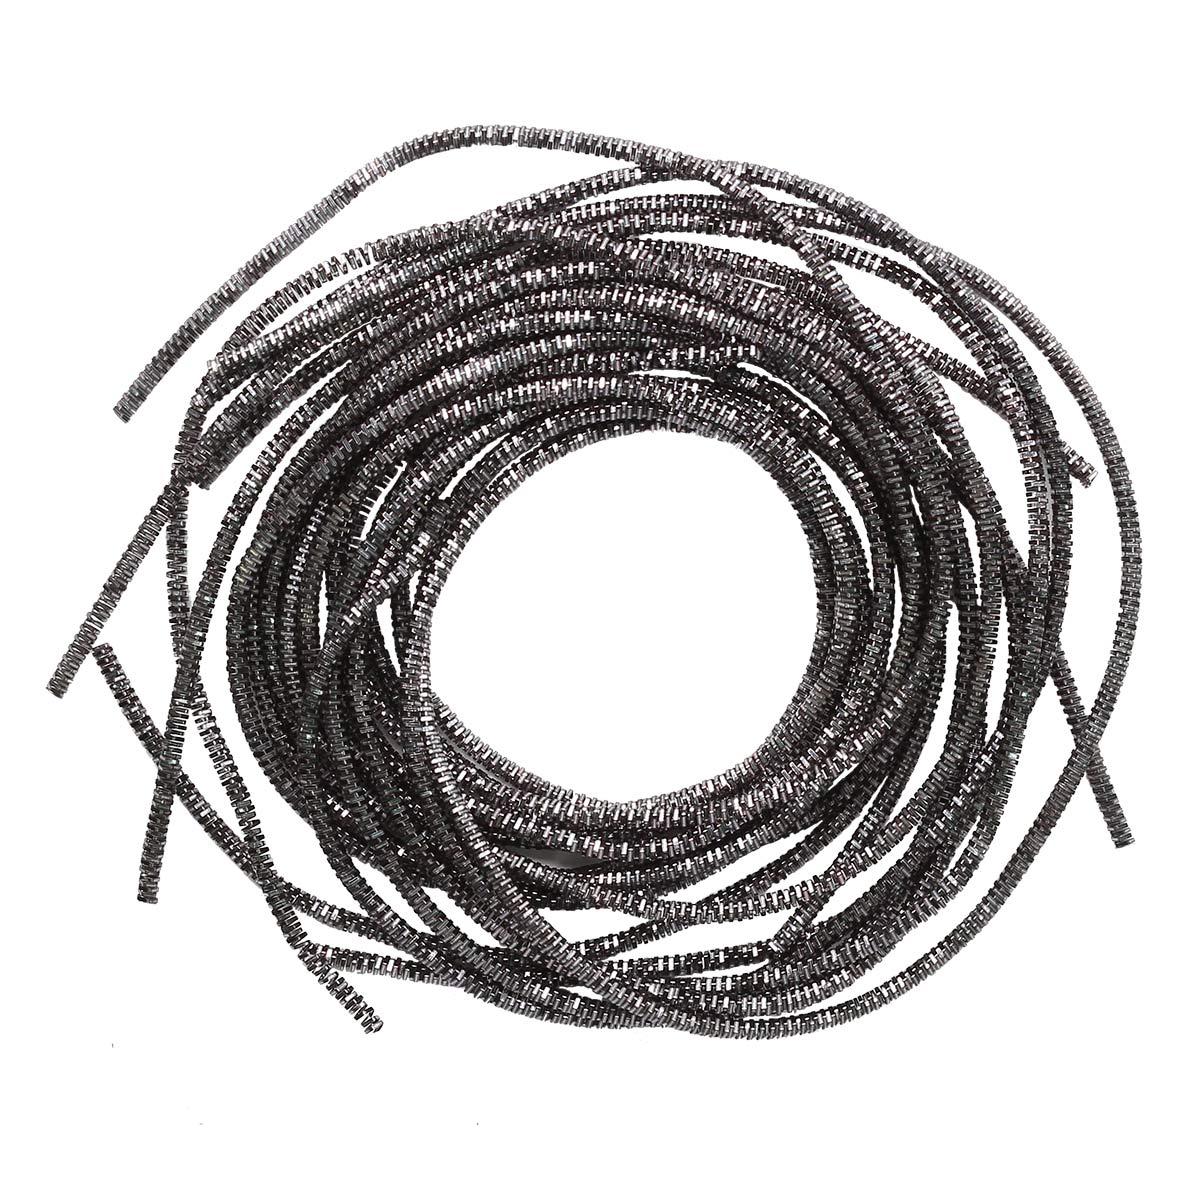 ТК022НН1 Трунцал медный,старое серебро 1,5 мм, 5 гр/упак Астра